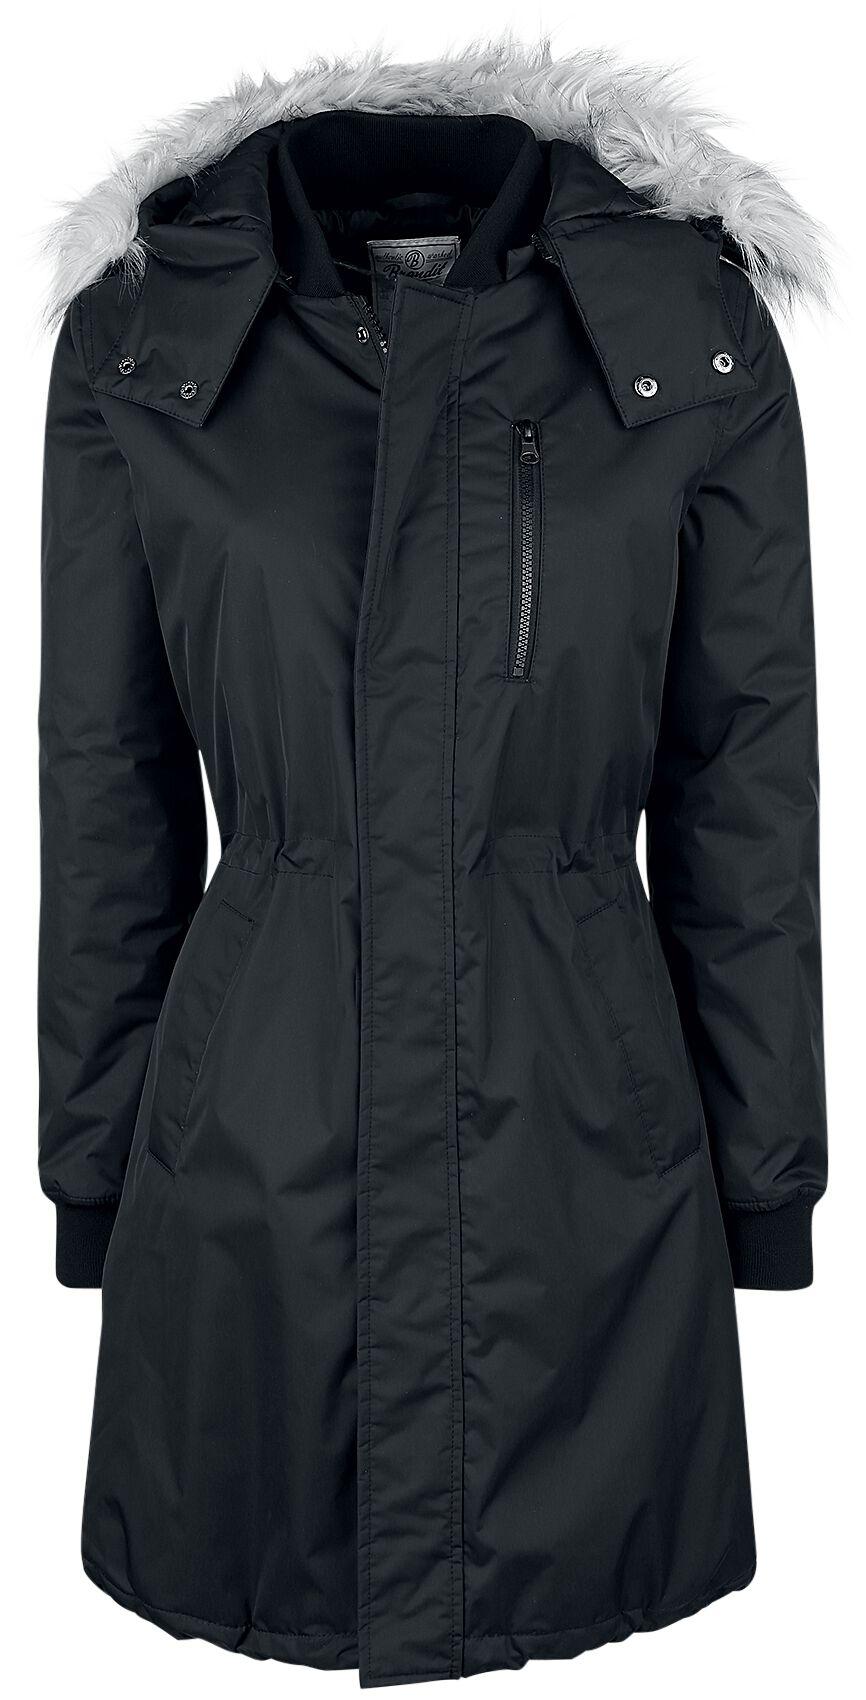 Jacken für Frauen - Brandit Ava Wintermantel schwarz  - Onlineshop EMP